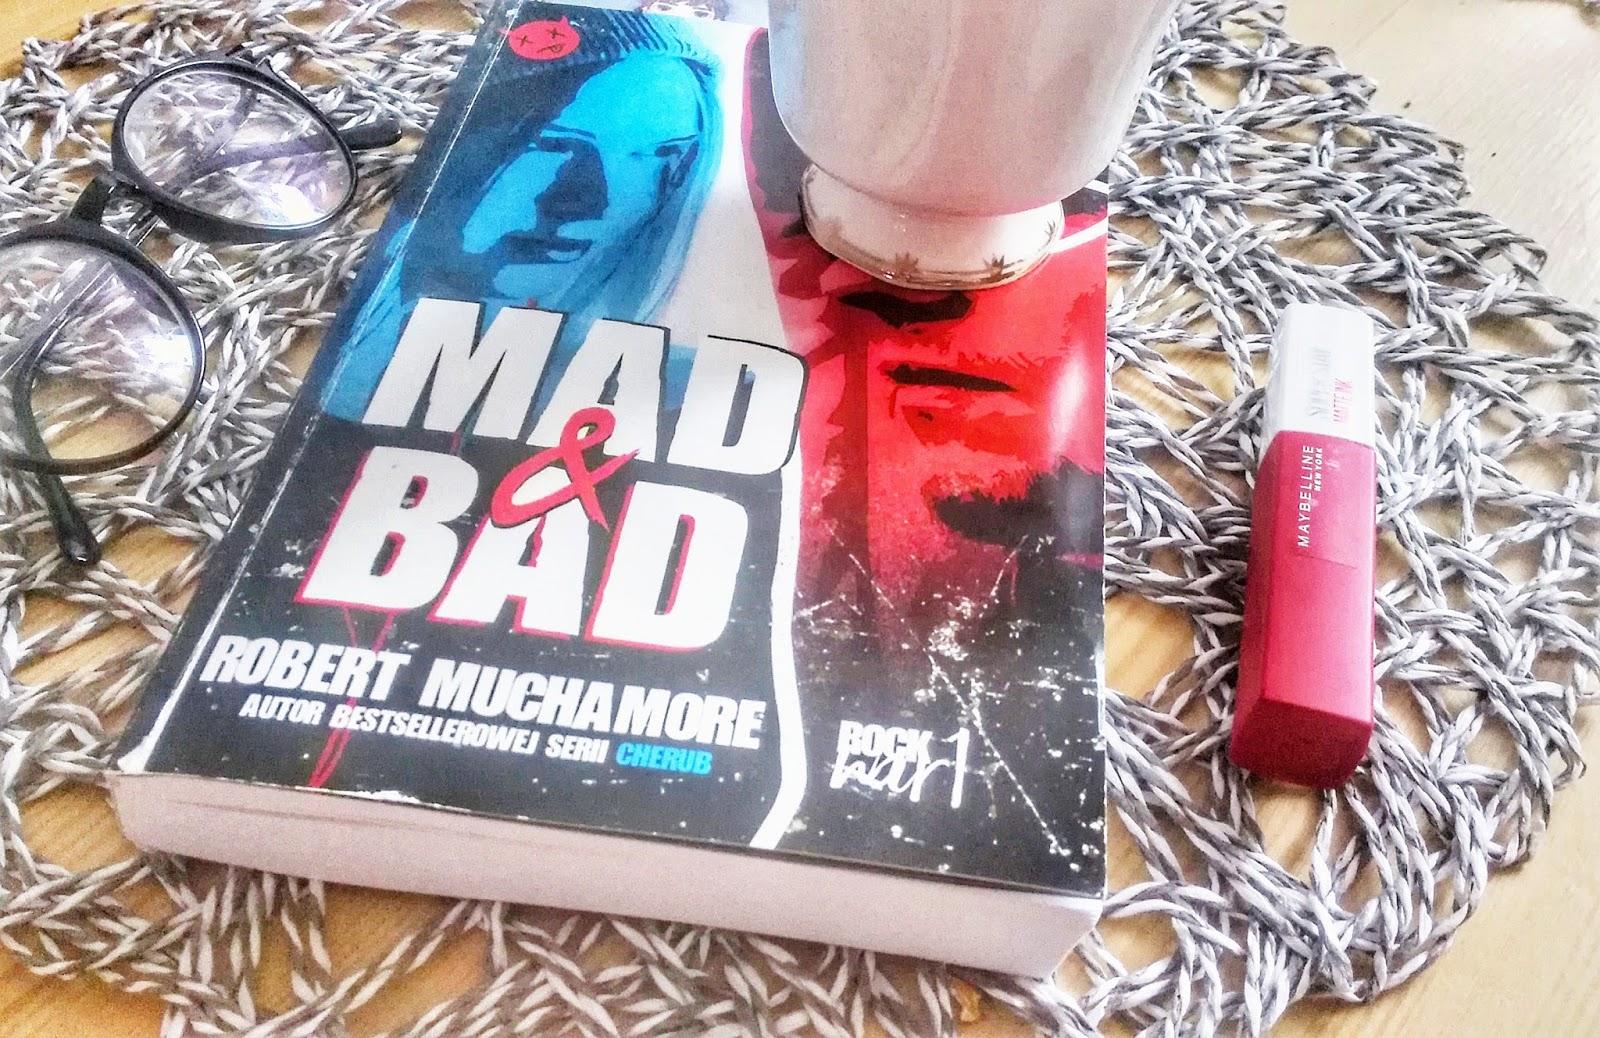 Mad & Bad Robert Muchamore- recenzja przedpremierowa